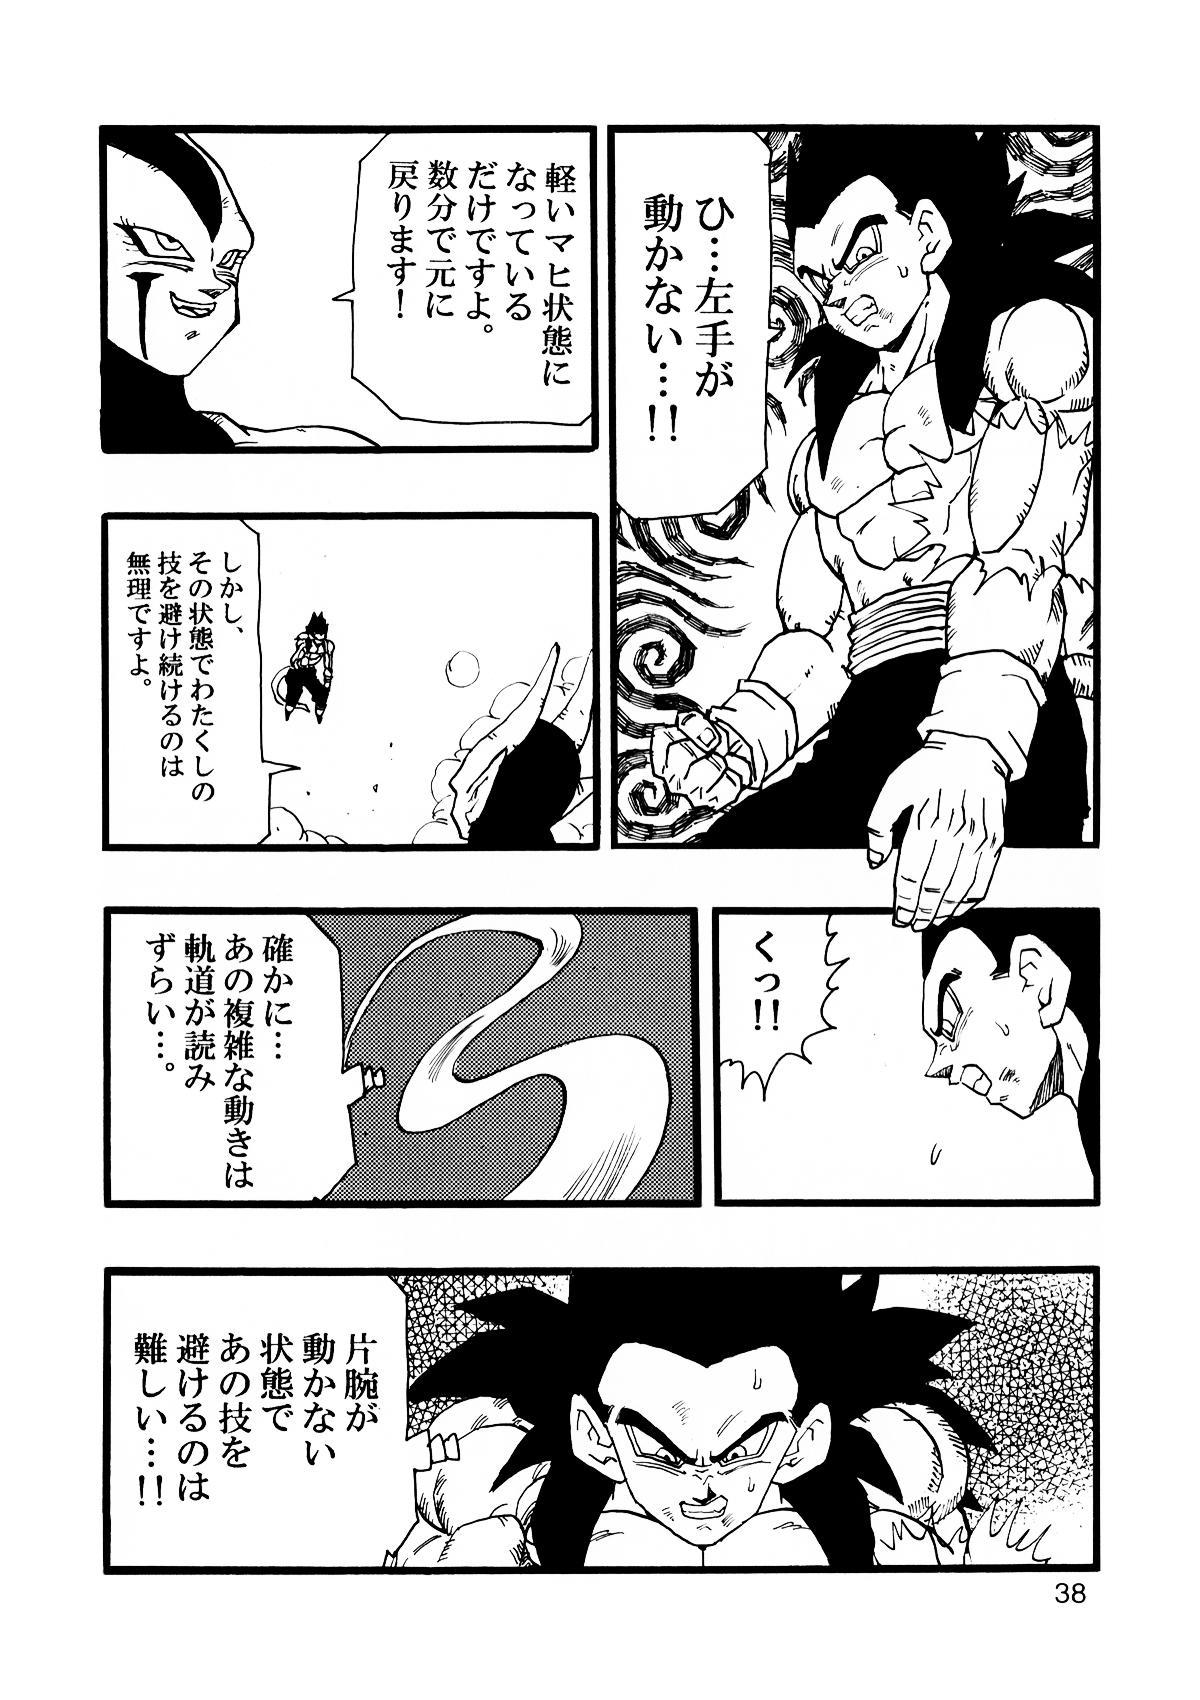 Dragon Ball AF Vol. 12 38